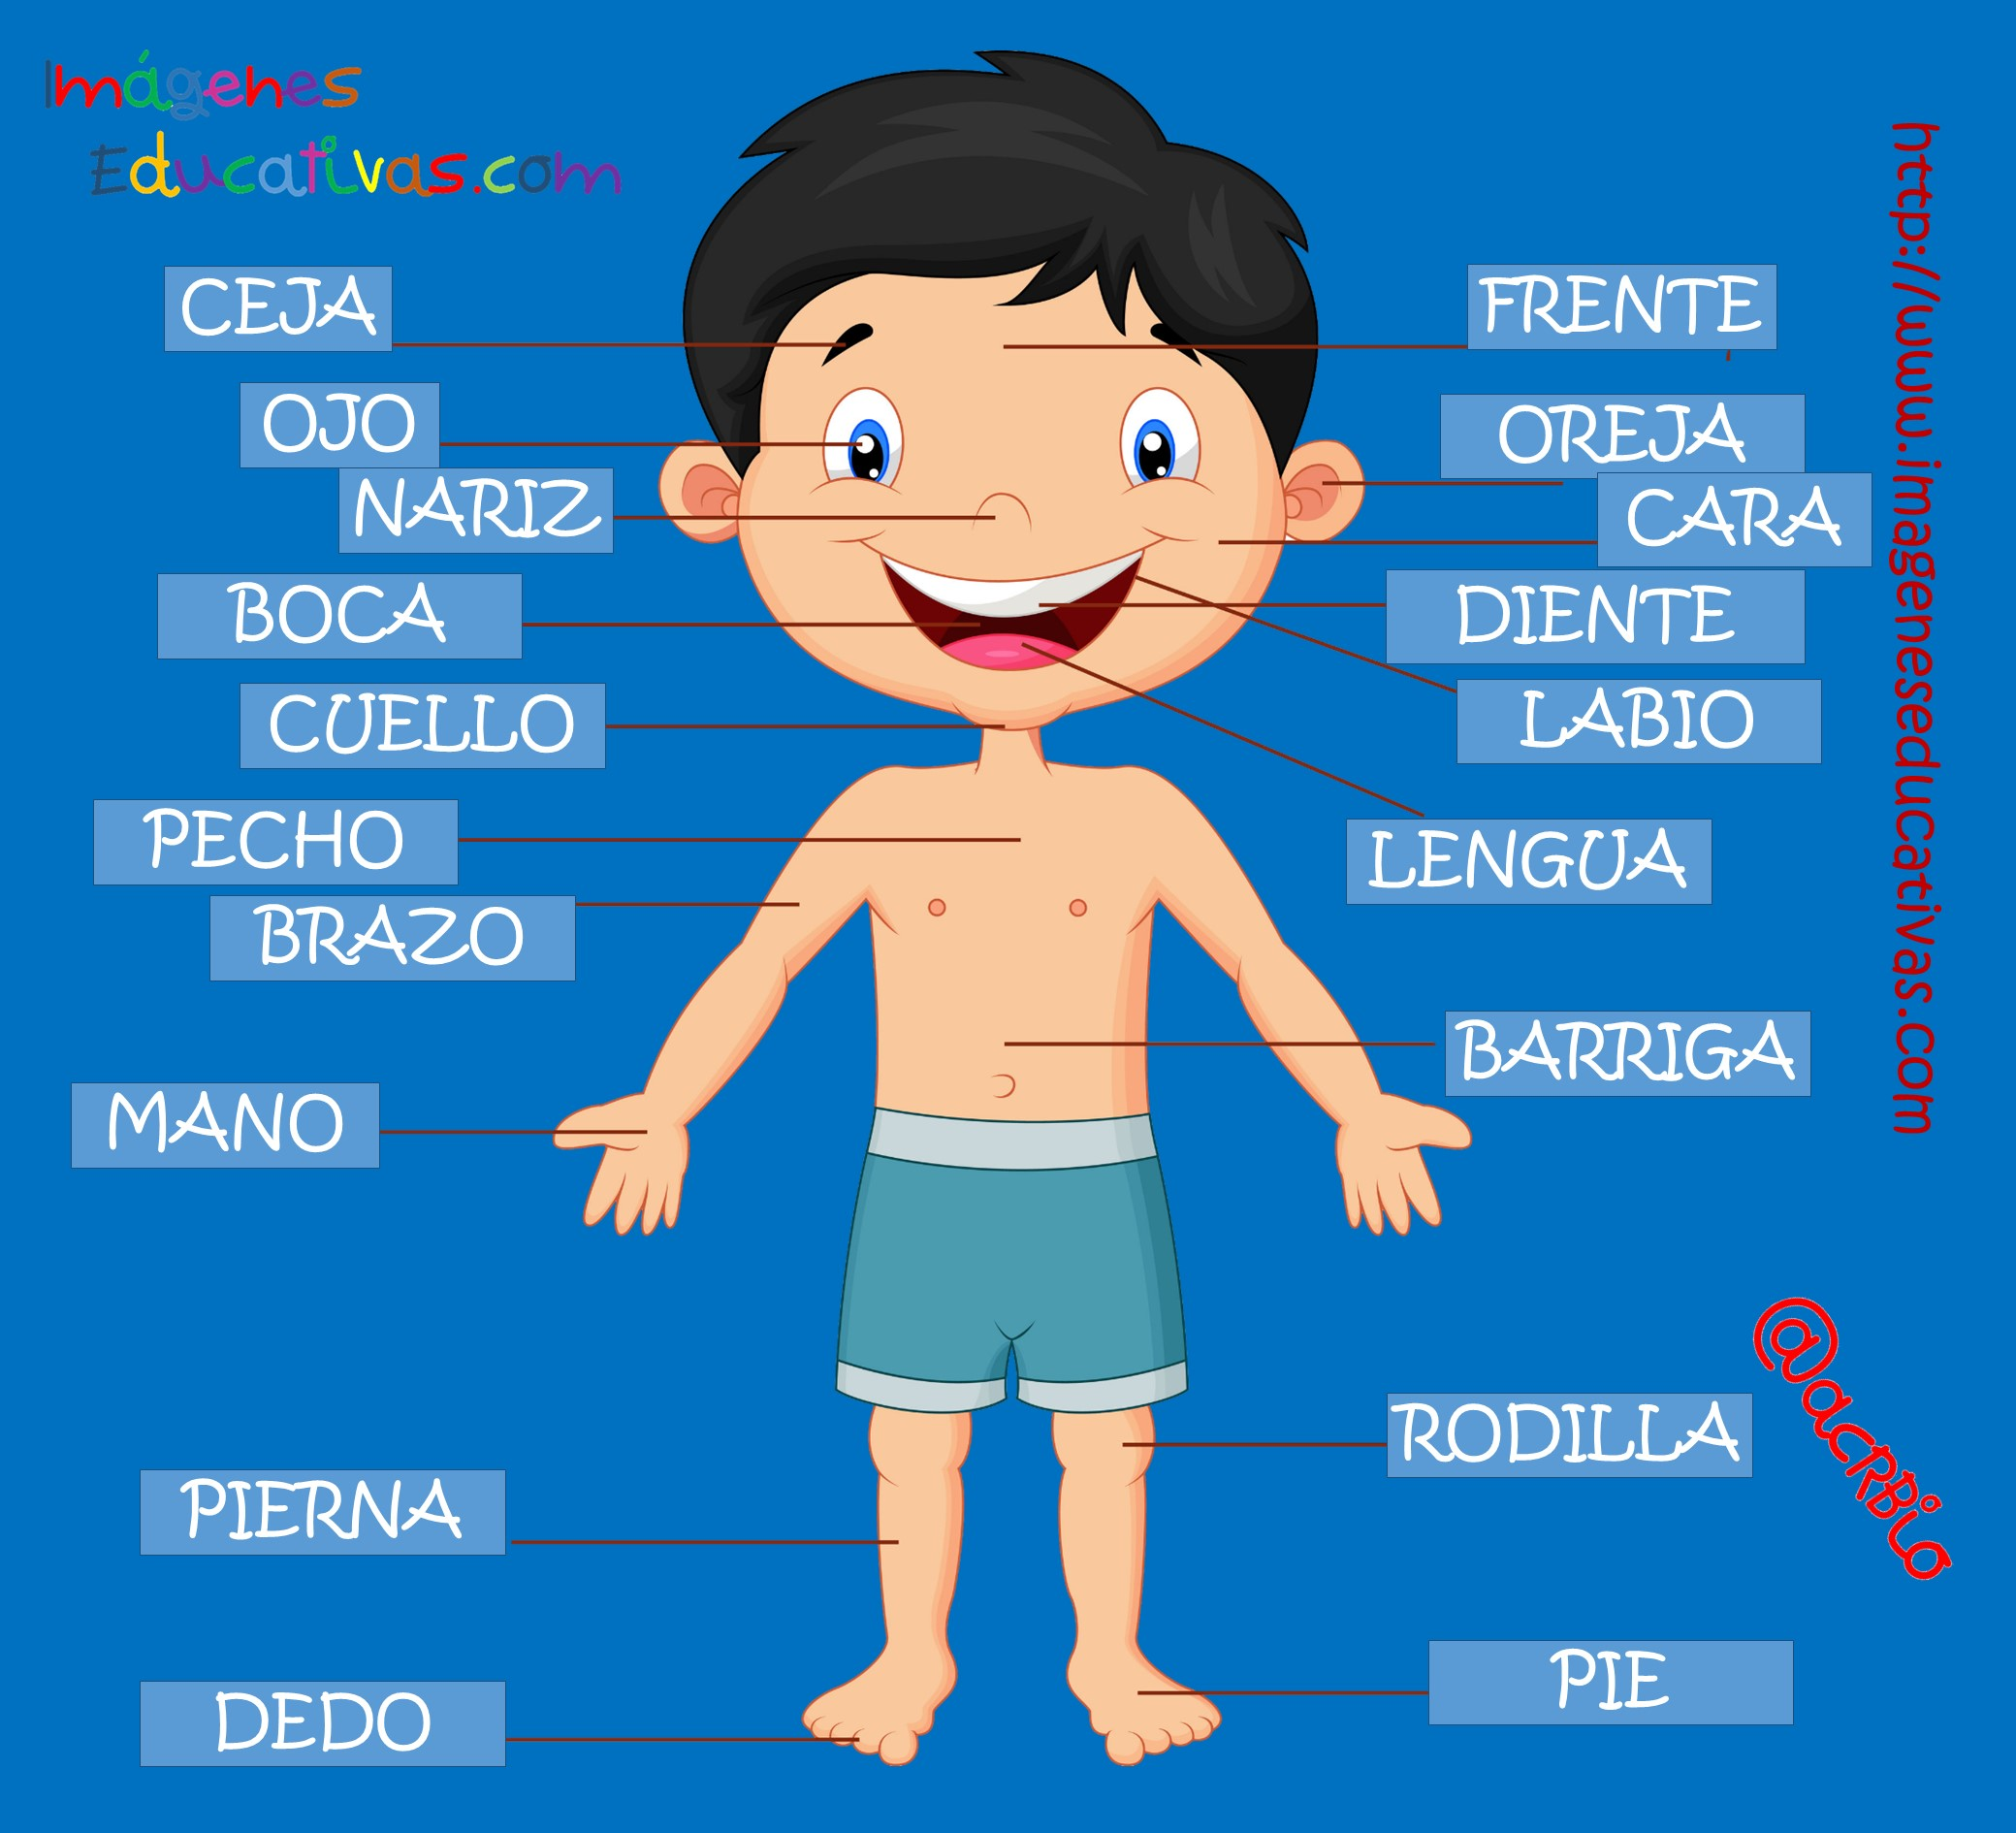 Картинка человека на испанском